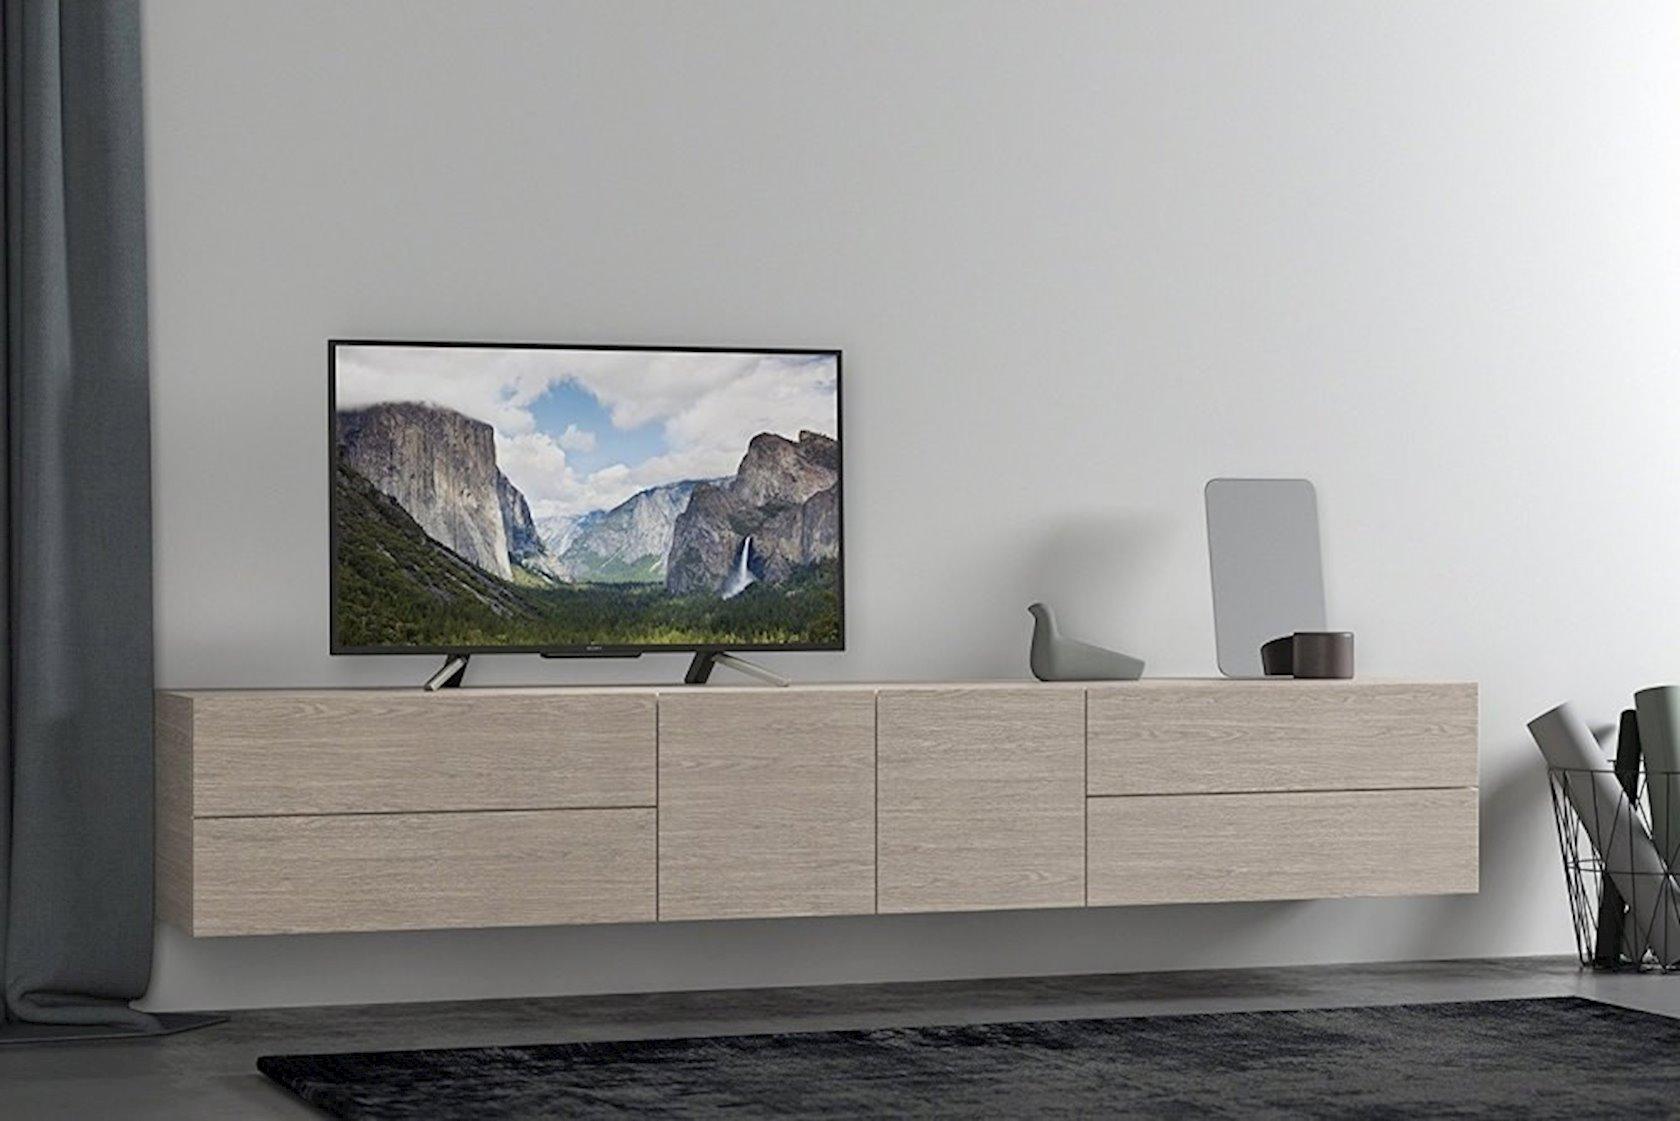 Televizor Sony KDL-43WF665